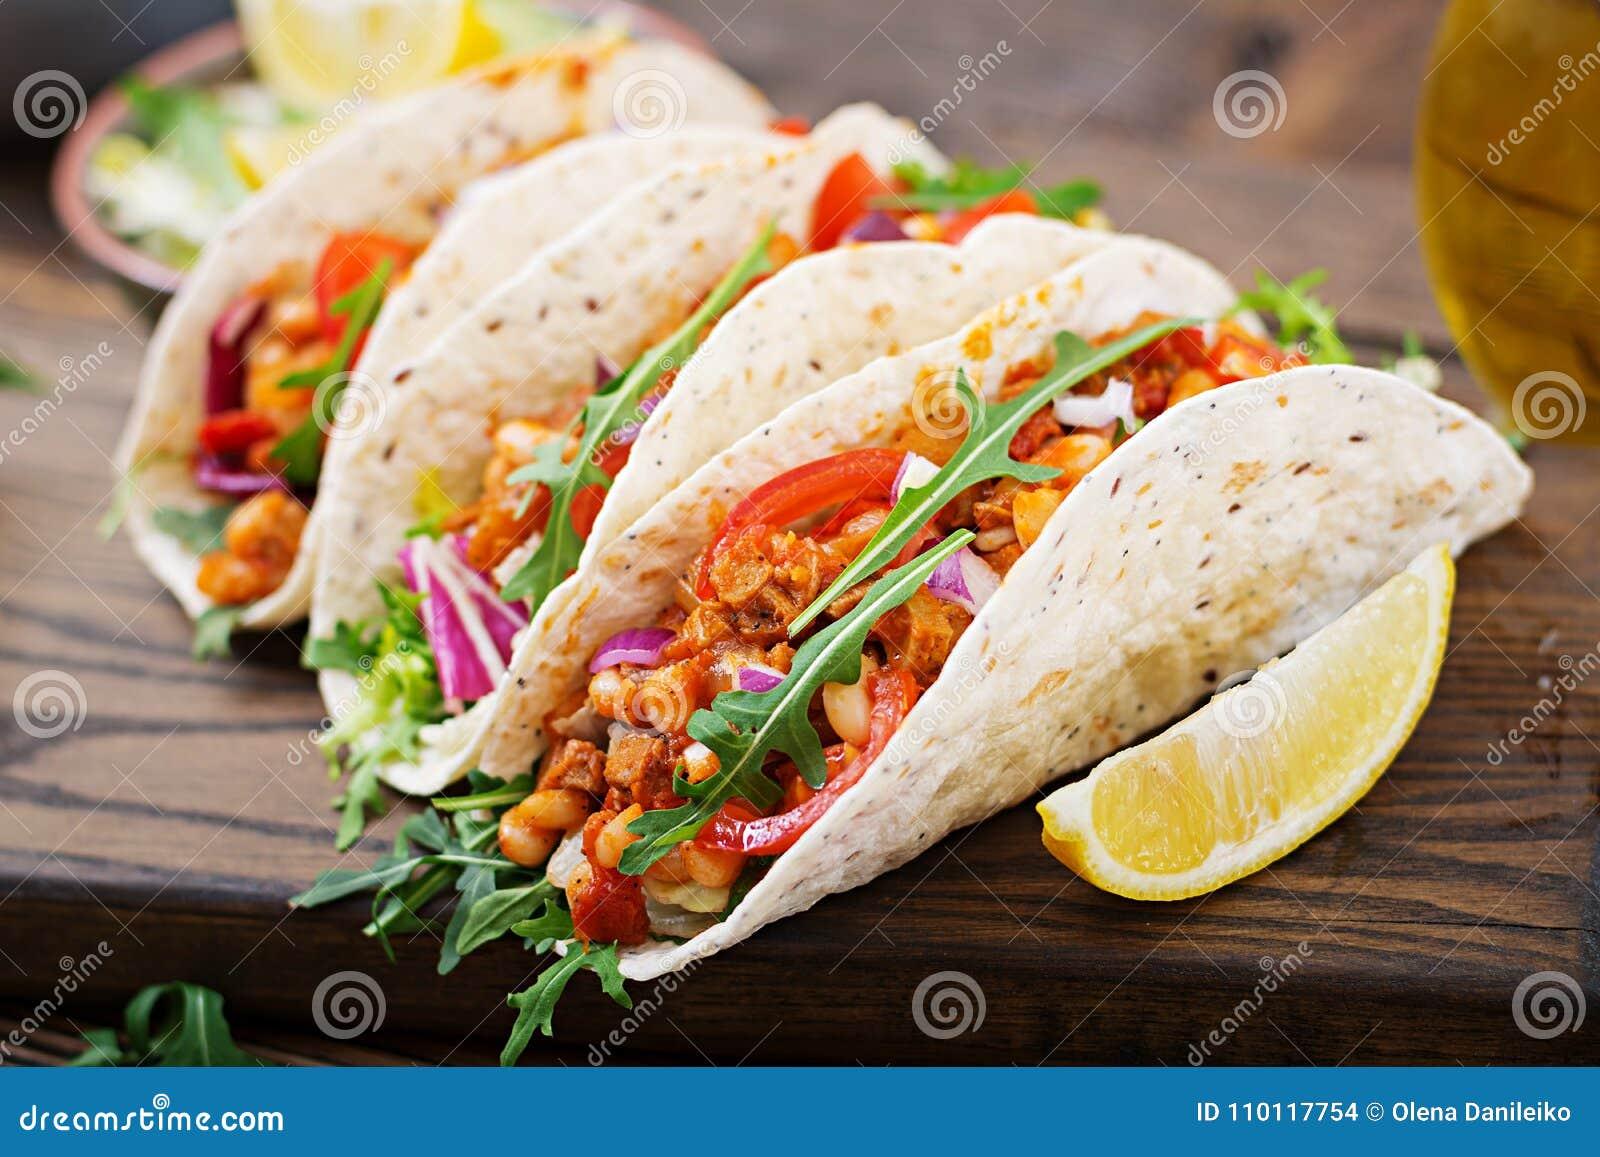 Taci messicani con manzo, fagioli in salsa al pomodoro